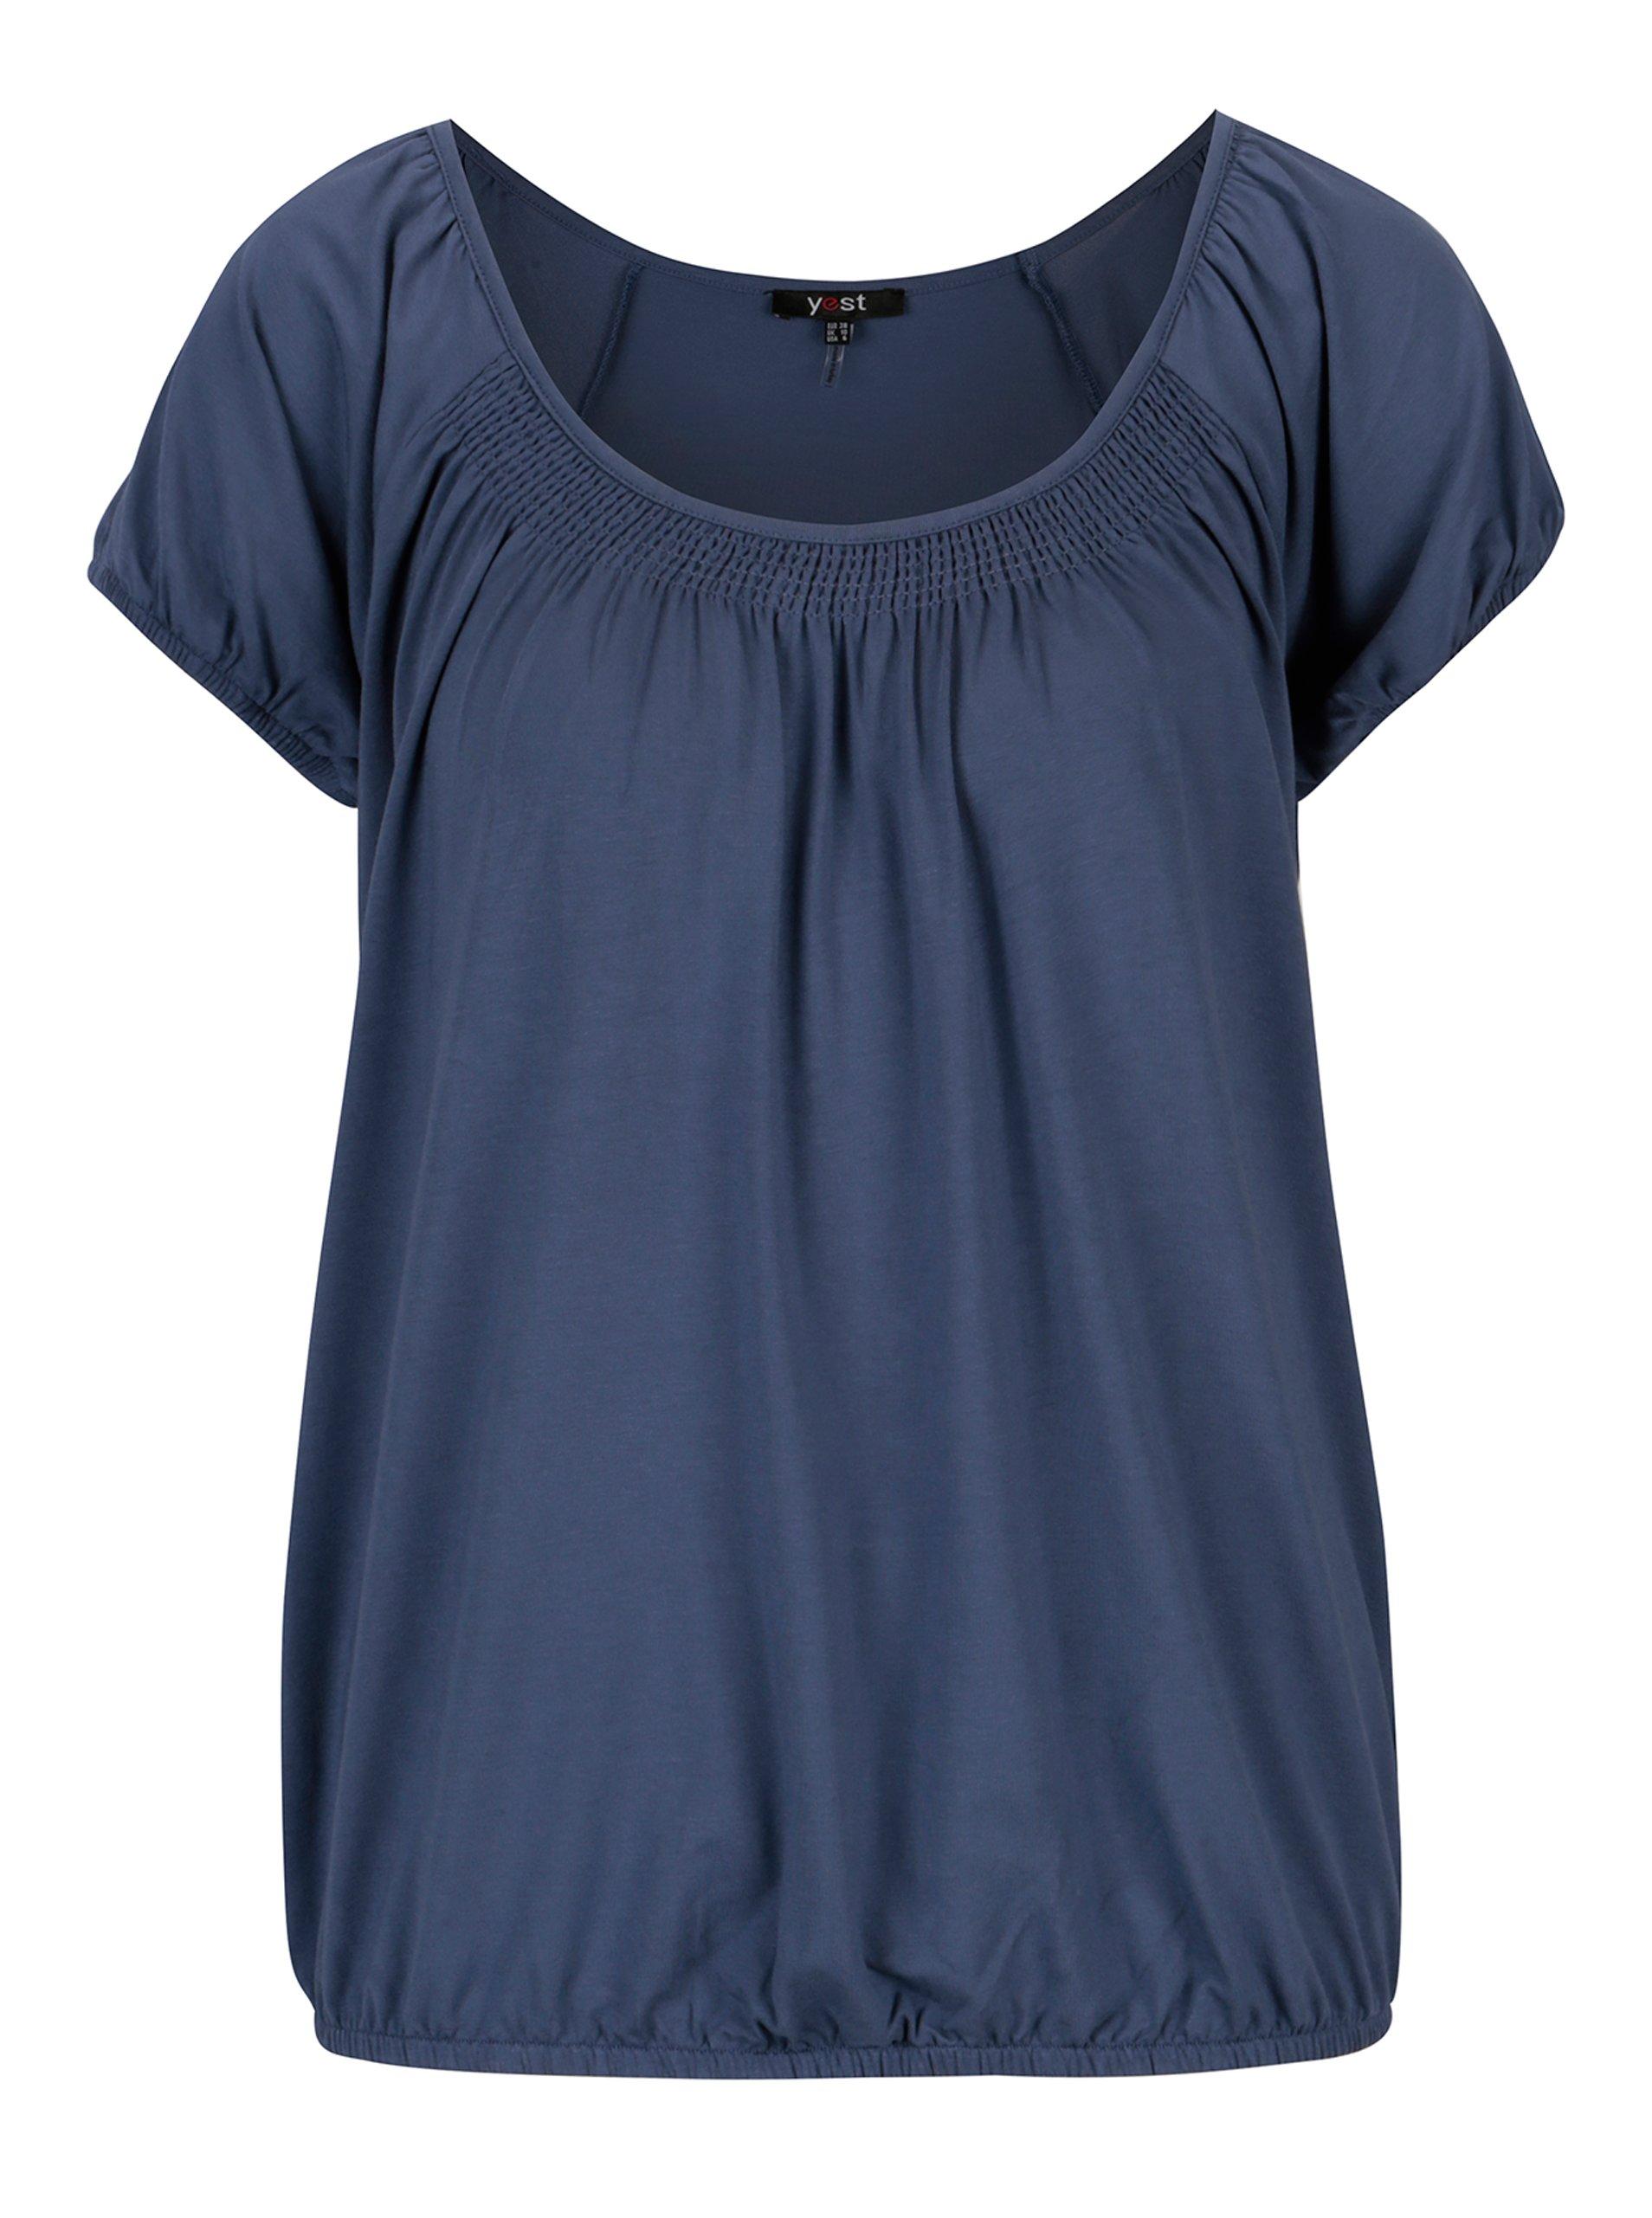 Modré tričko s kulatým výstřihem Yest